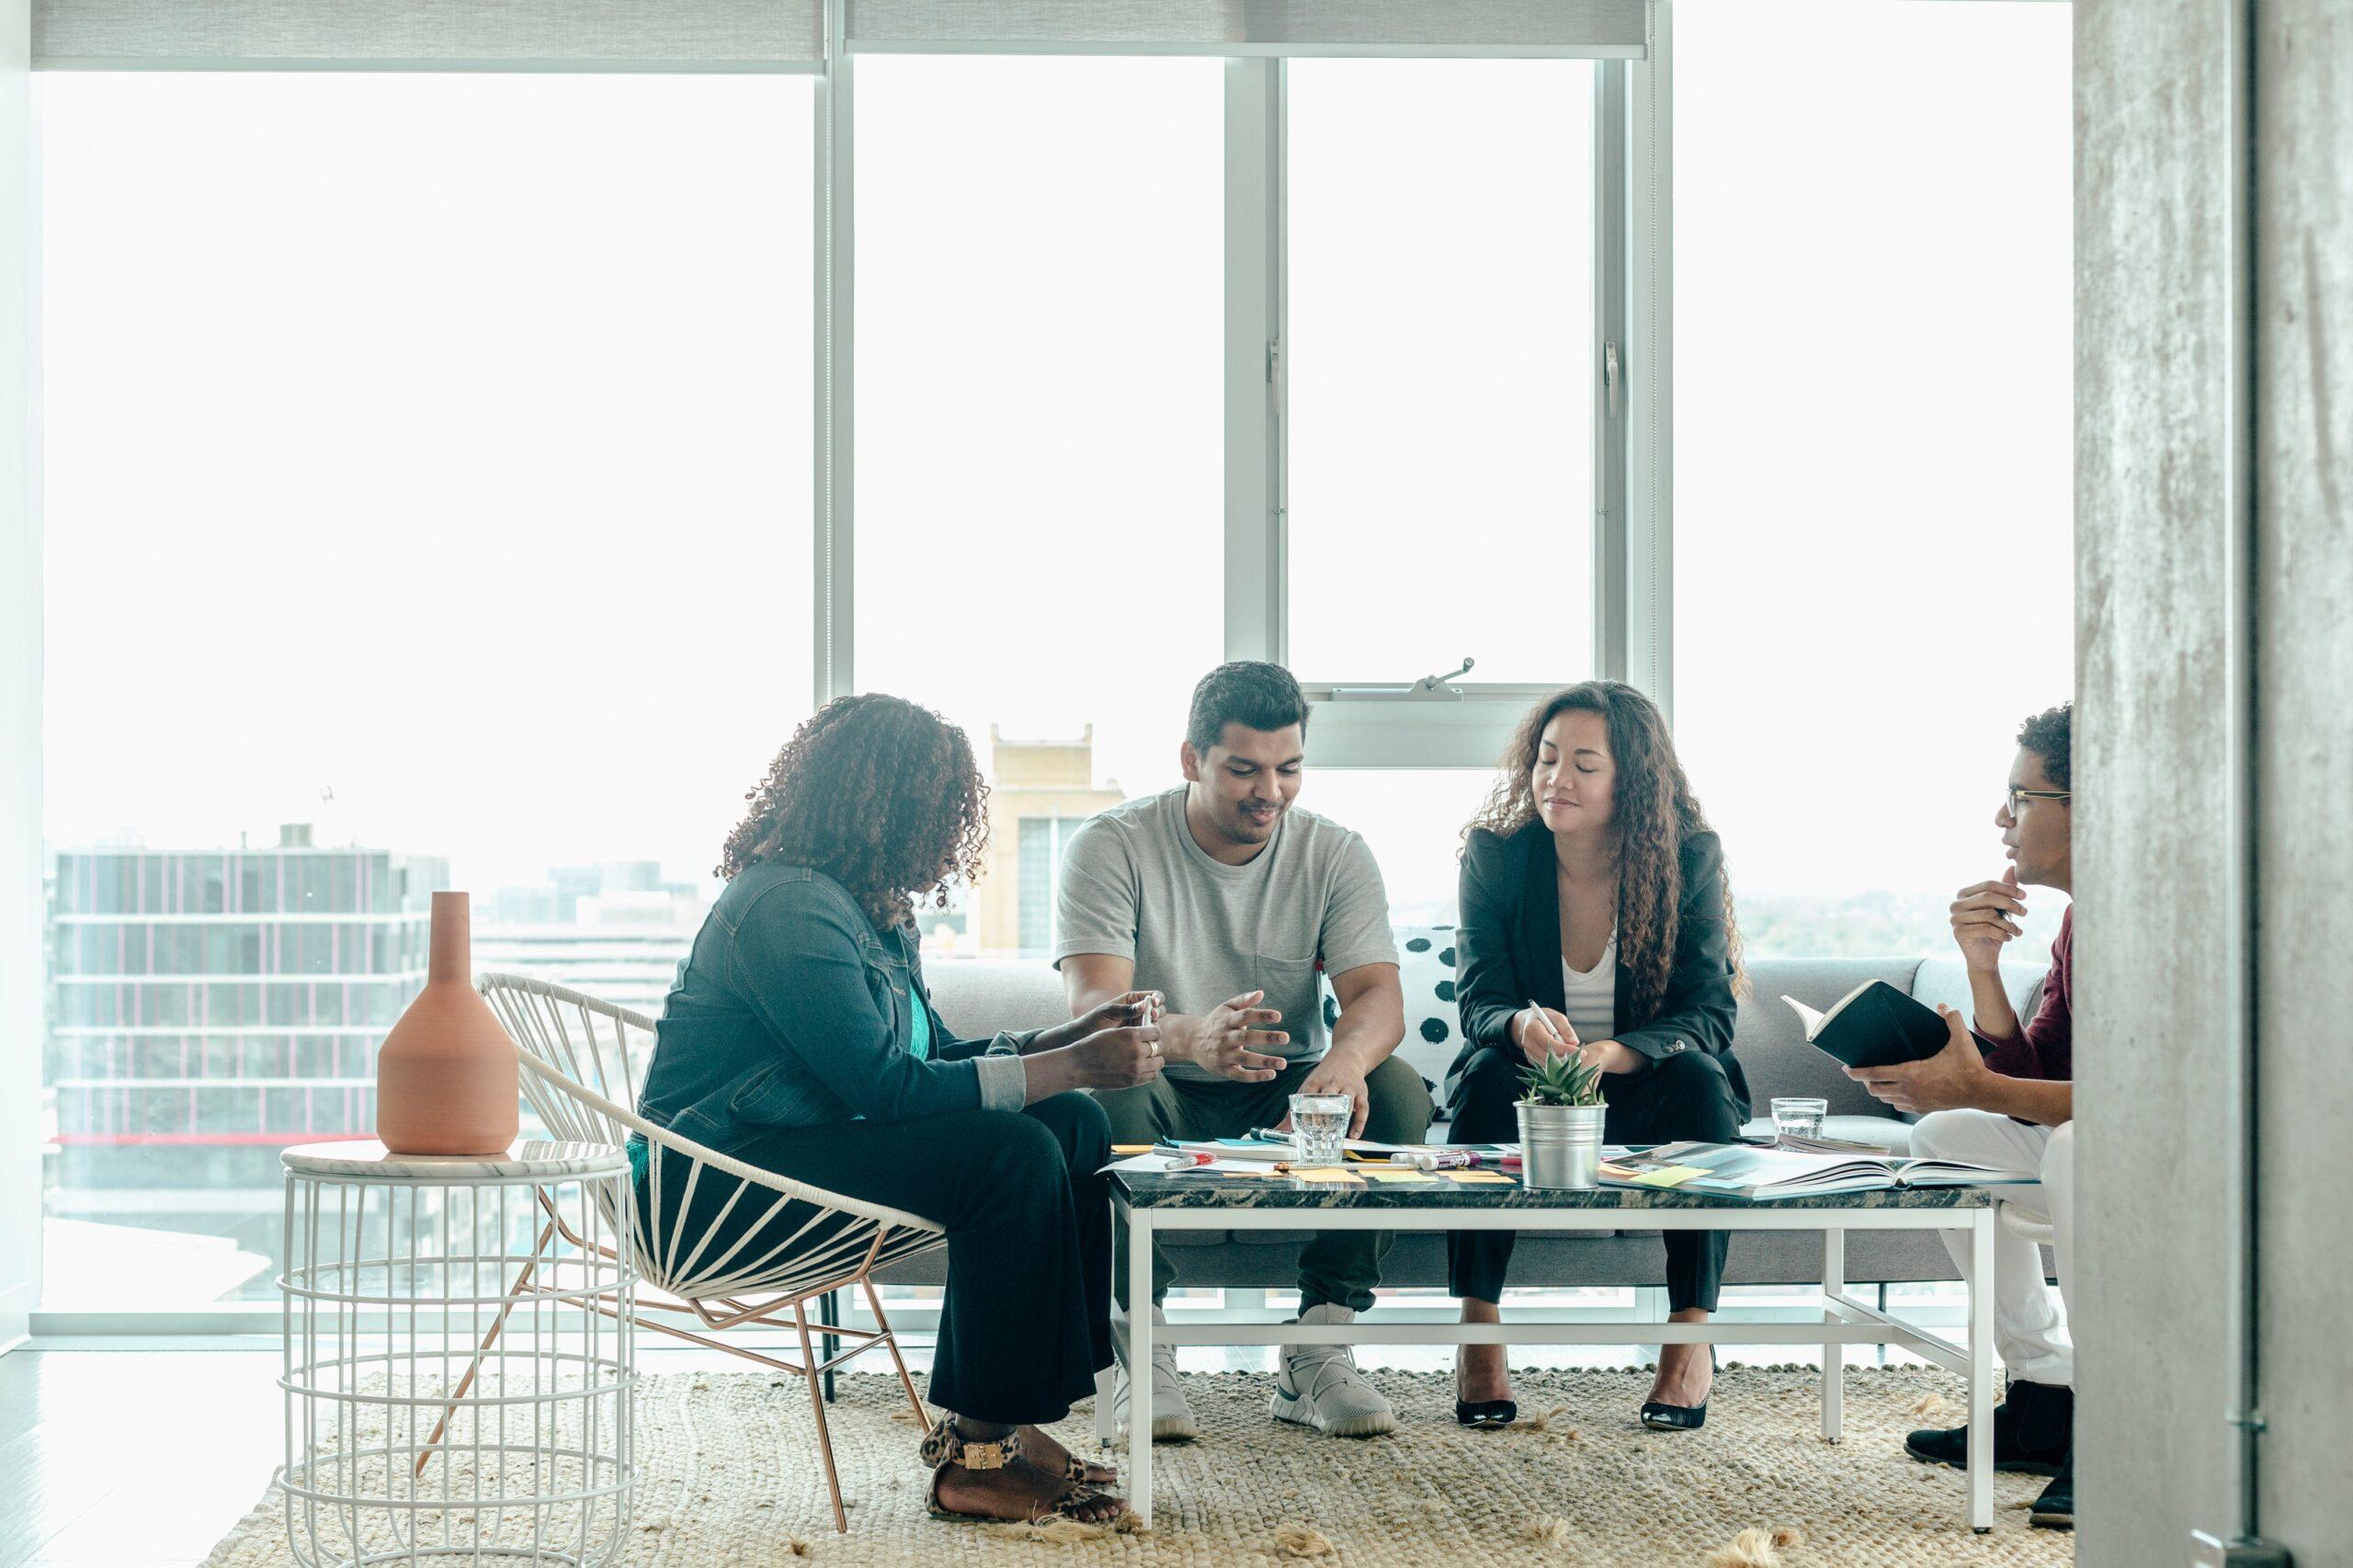 team-brainstorm-meeting-in-modern-office